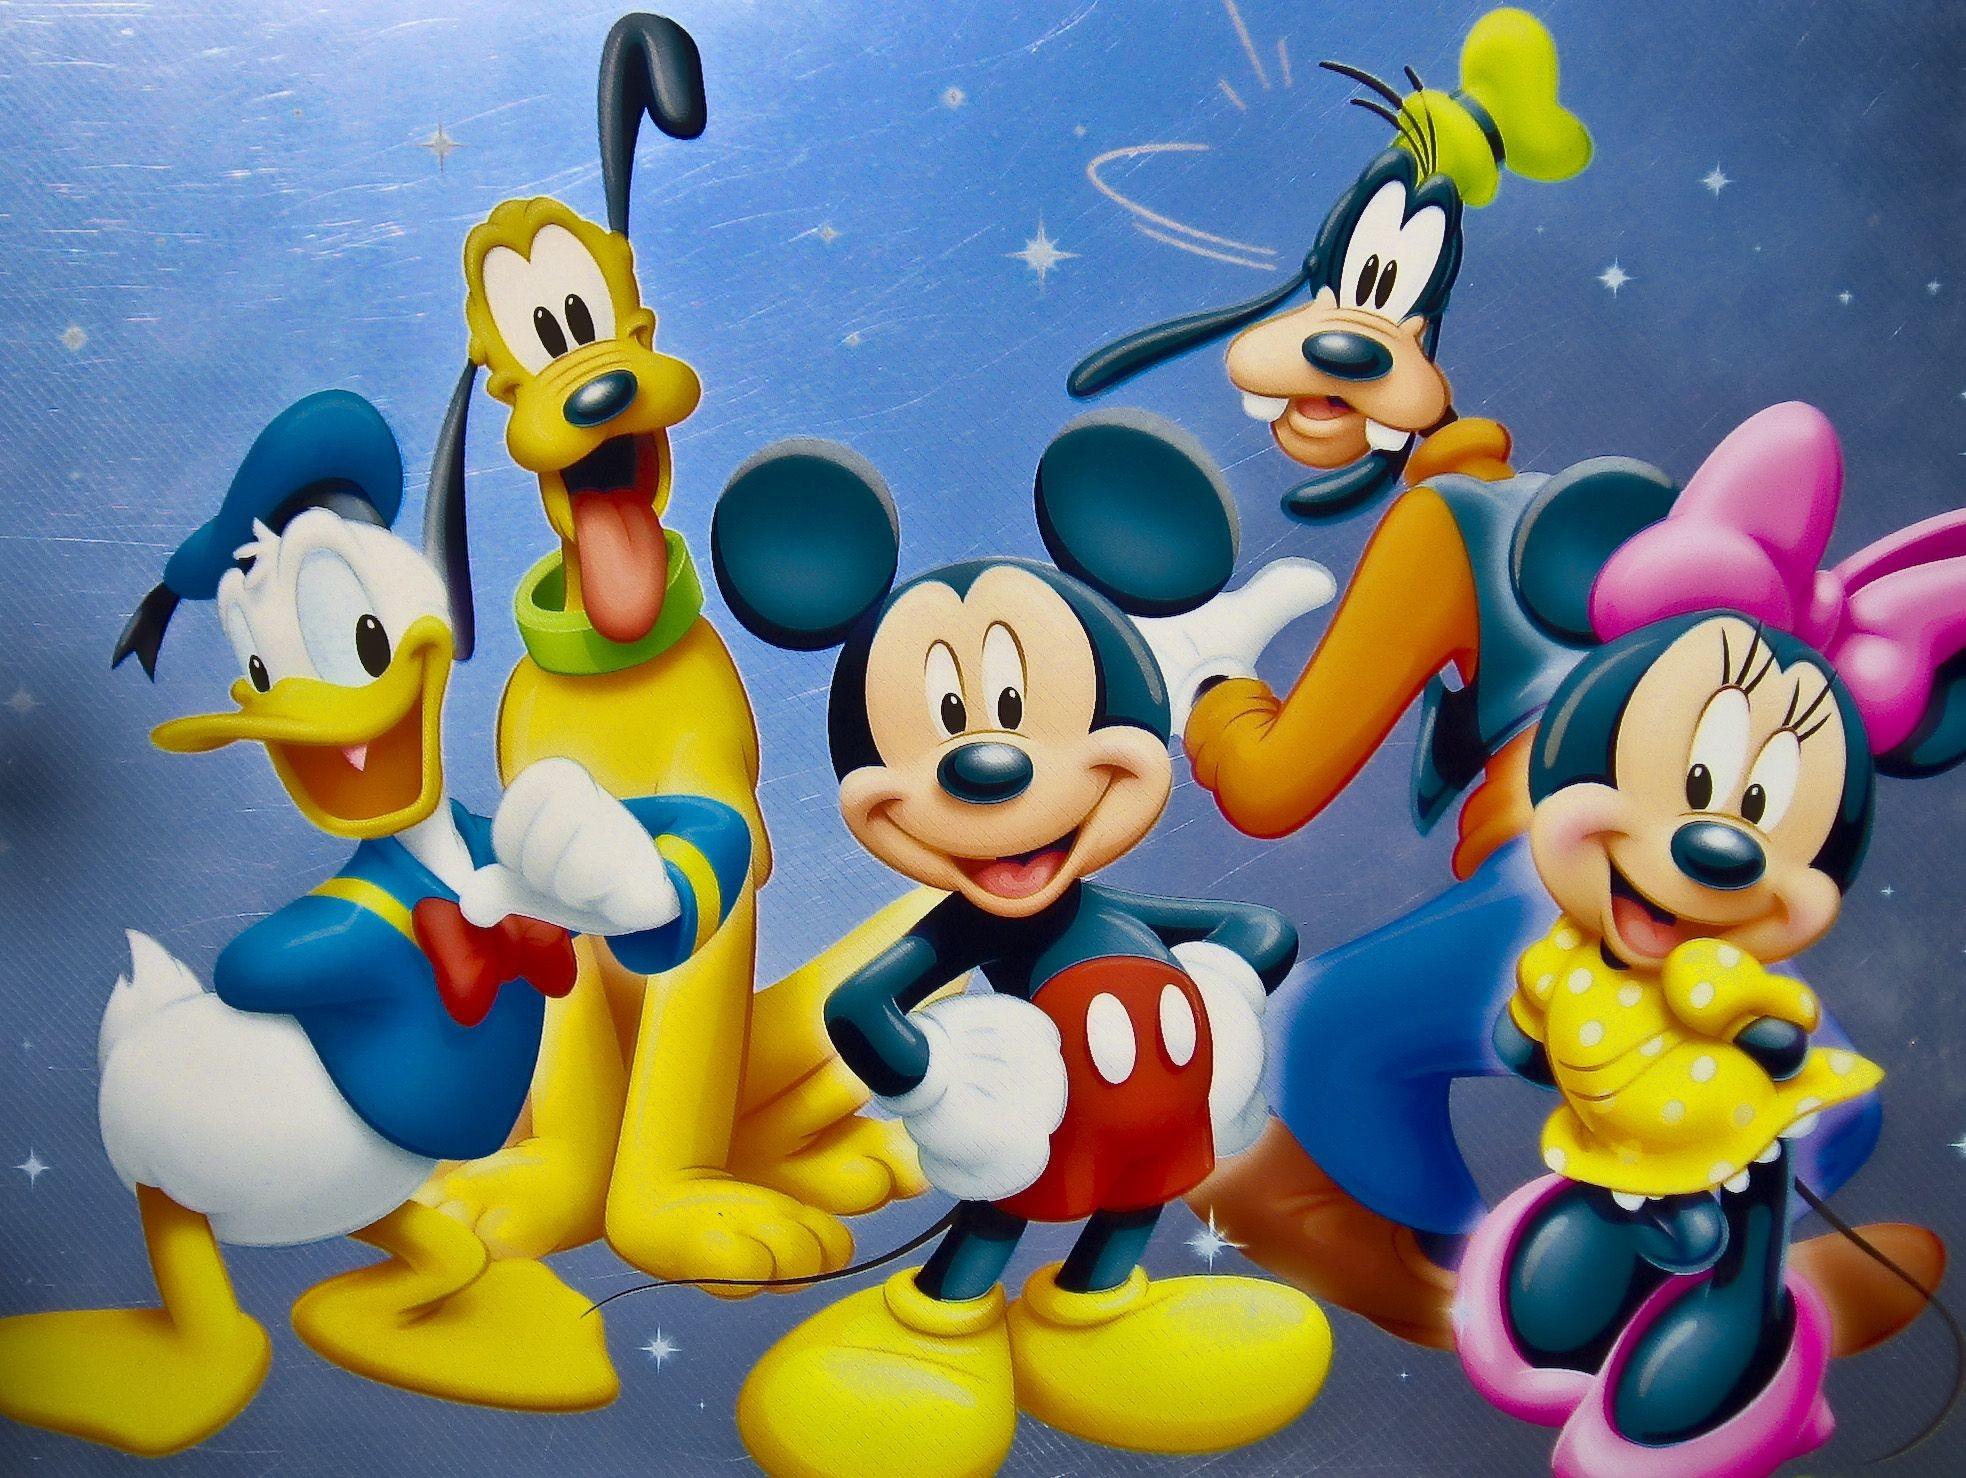 Res: 1966x1478, Disney Character Wallpapers HD Desktop.